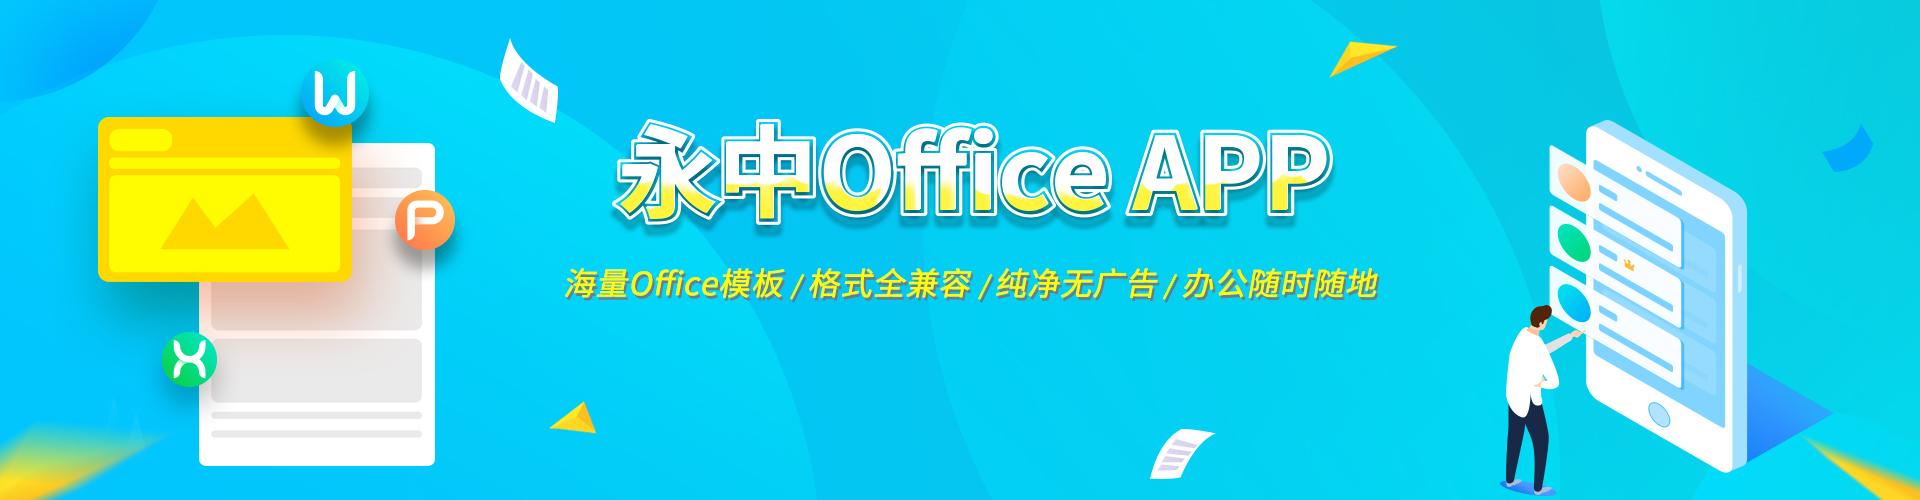 永中移动Office